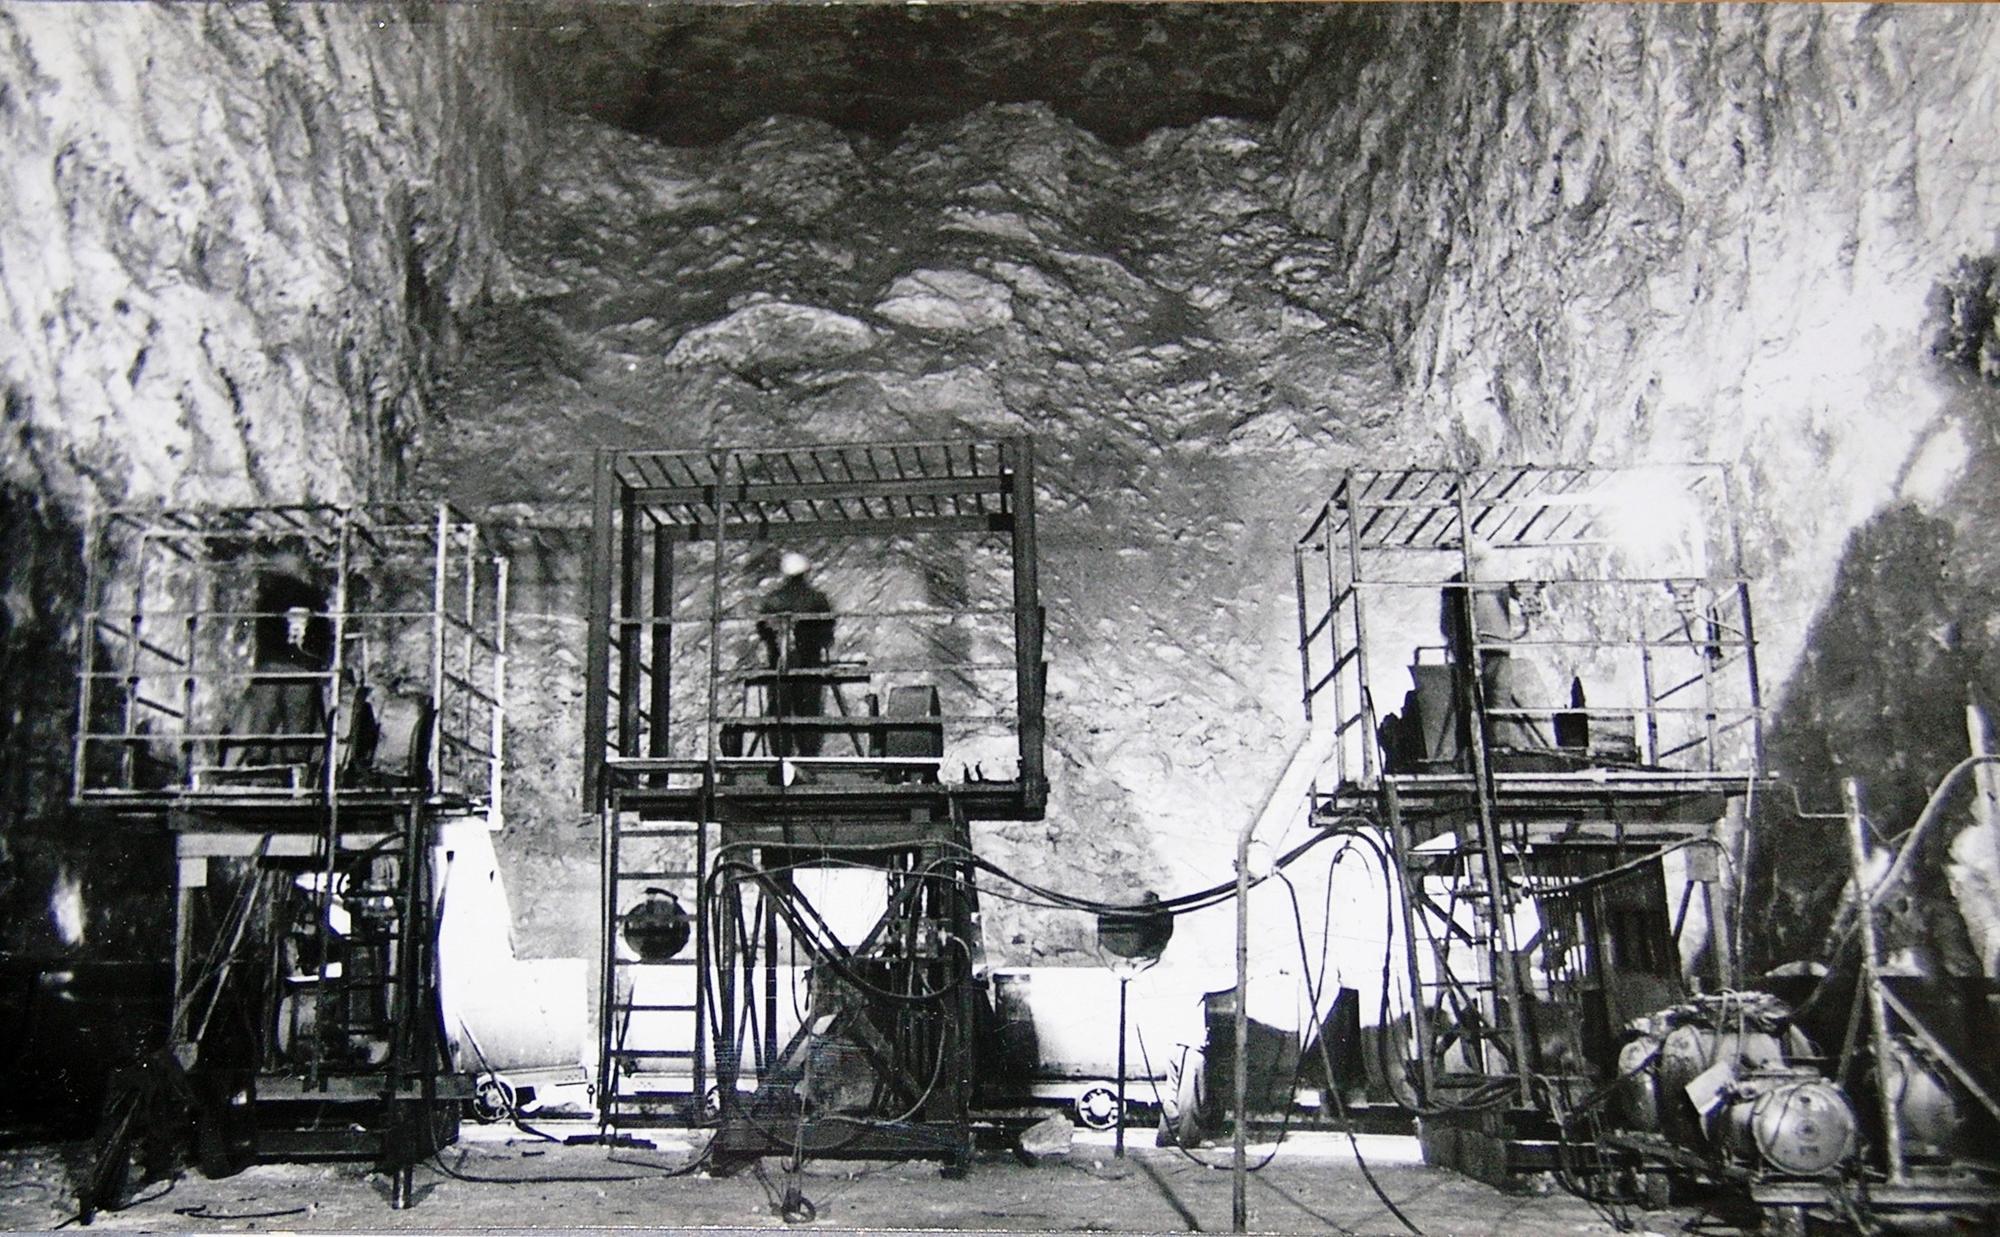 """Тут почалась історія """"Артемсолі"""": в Соледарі відкривають новий туристичний маршрут в шахтах"""